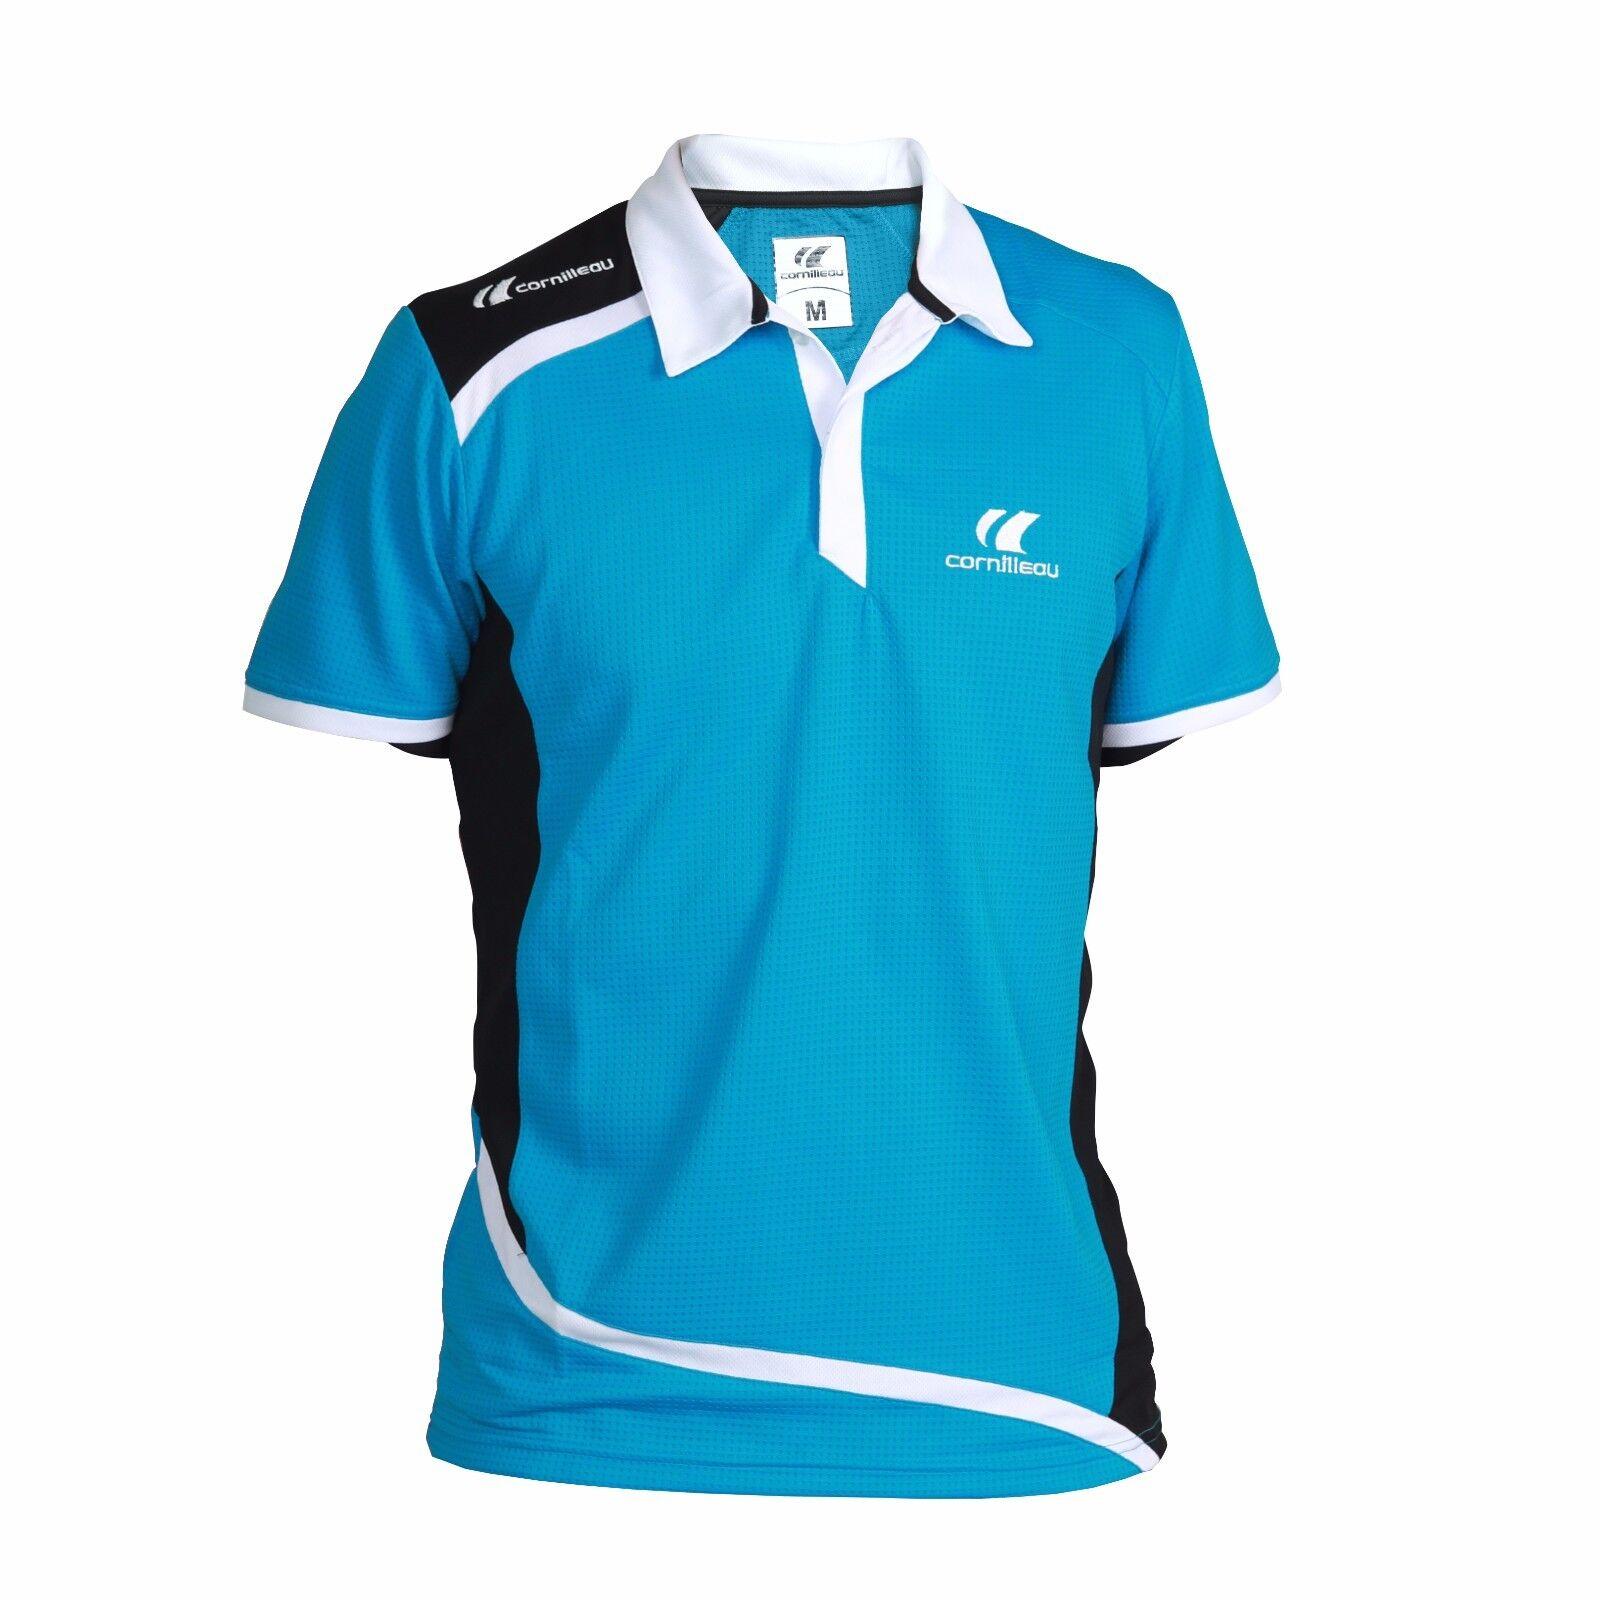 Cornilleau Table Tennis Men's Contest Polo Shirt Red bluee - Sizes XXXS to XXXL